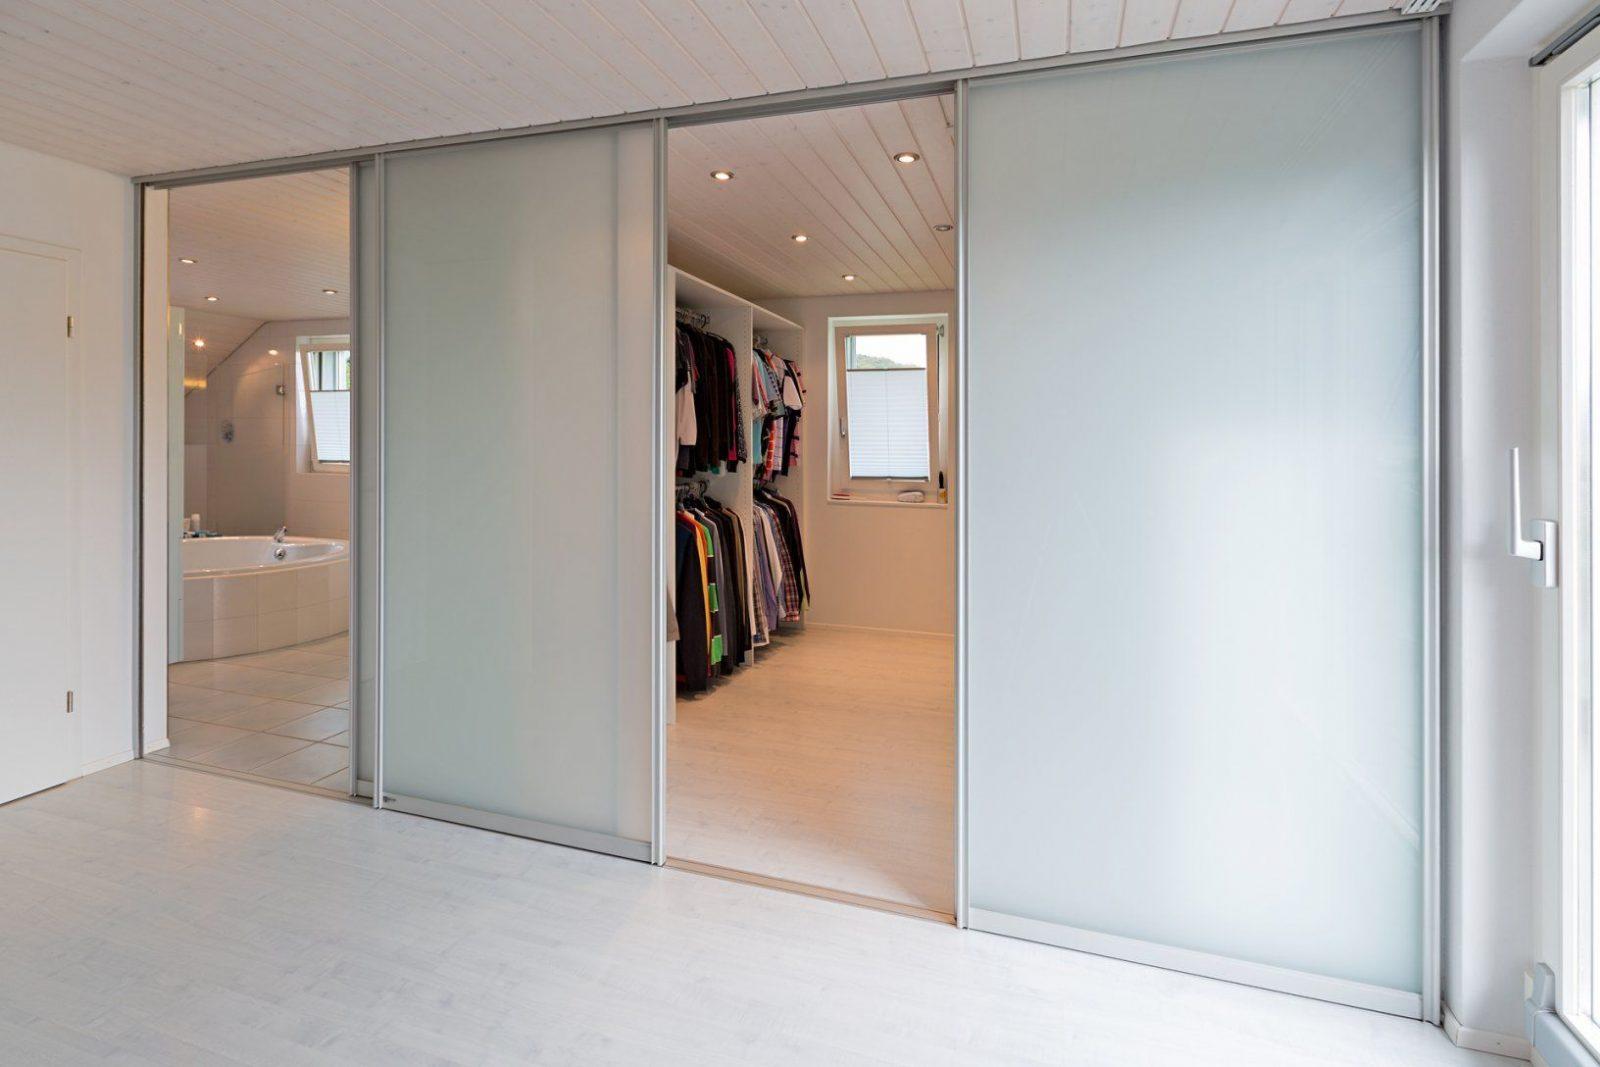 Schiebetueren Als Raumteiler In Schiebetüren Raumteiler Selber Bauen von Trennwände Raumteiler Selber Bauen Bild